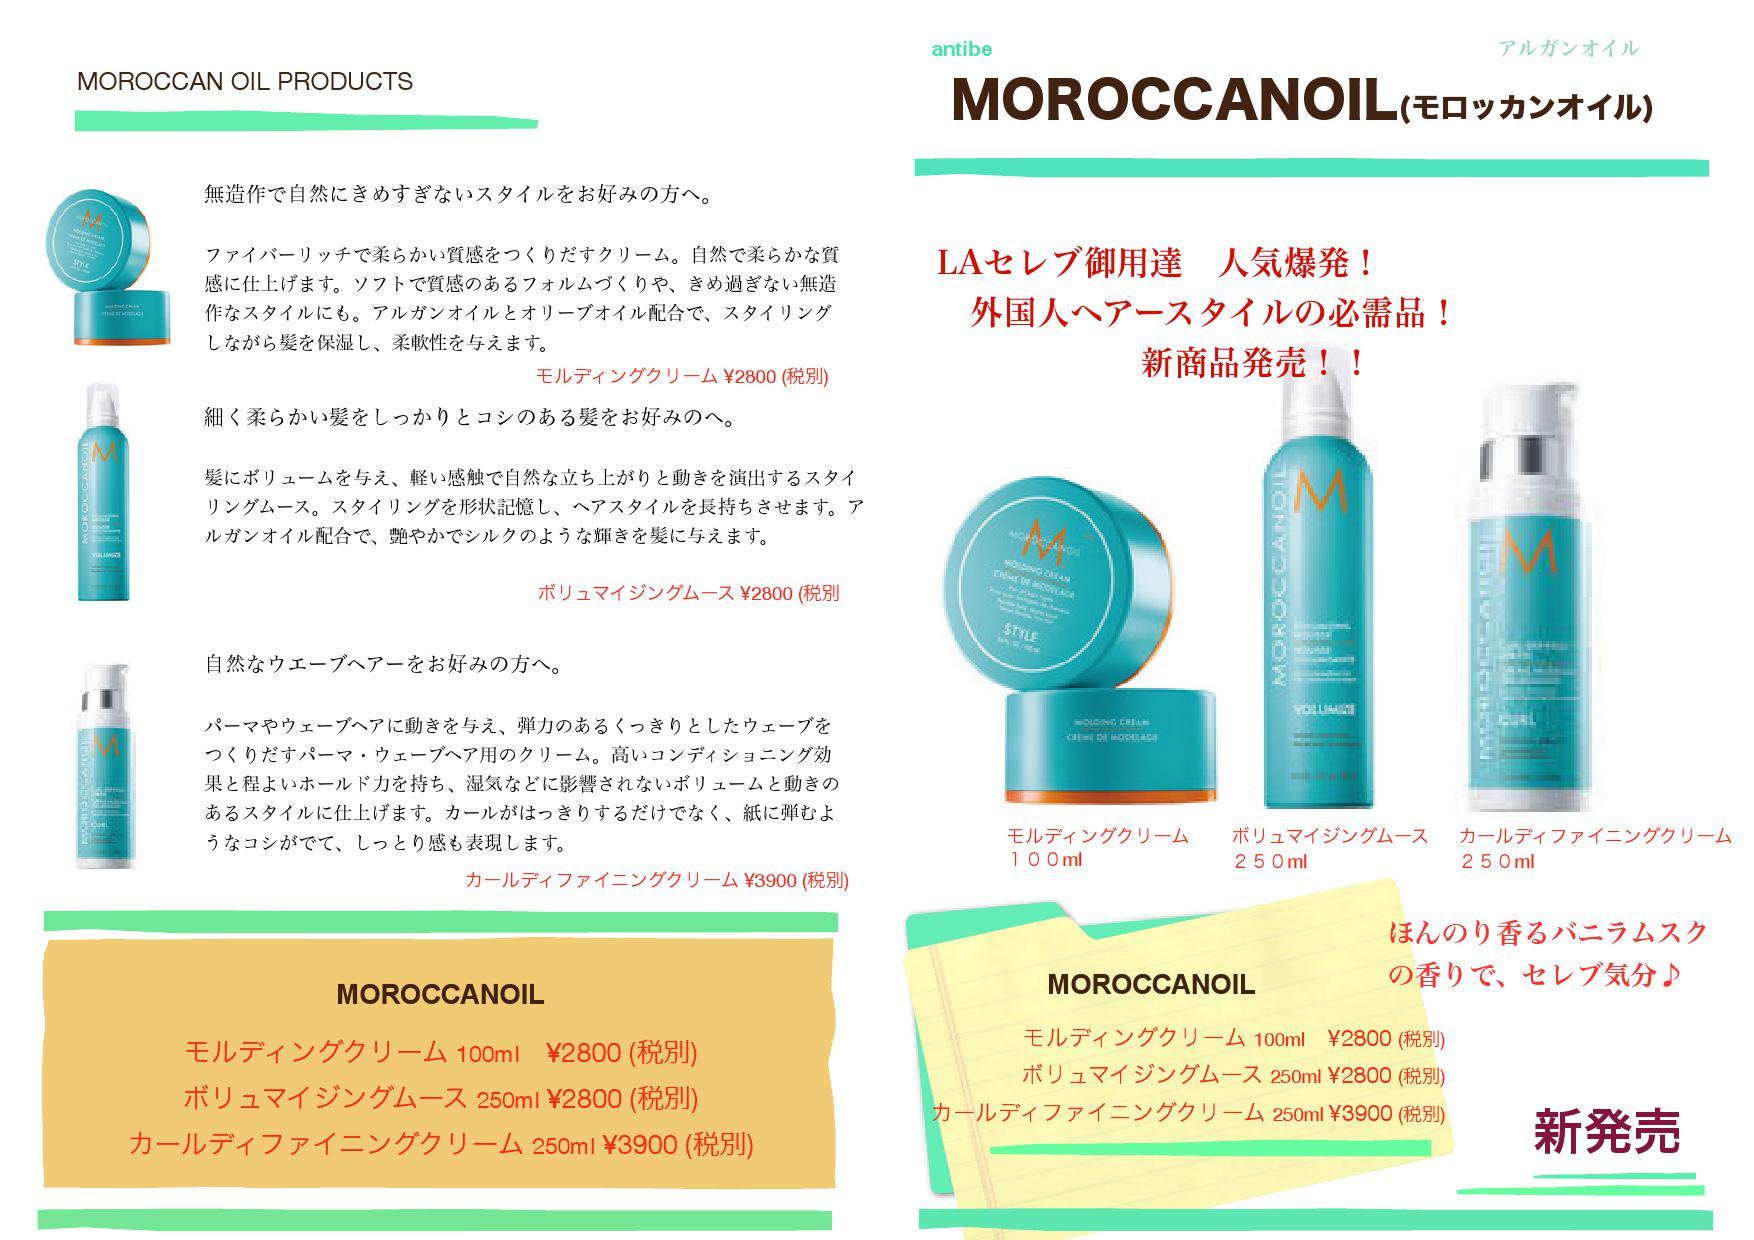 モロッカン 新商品PDF_000001